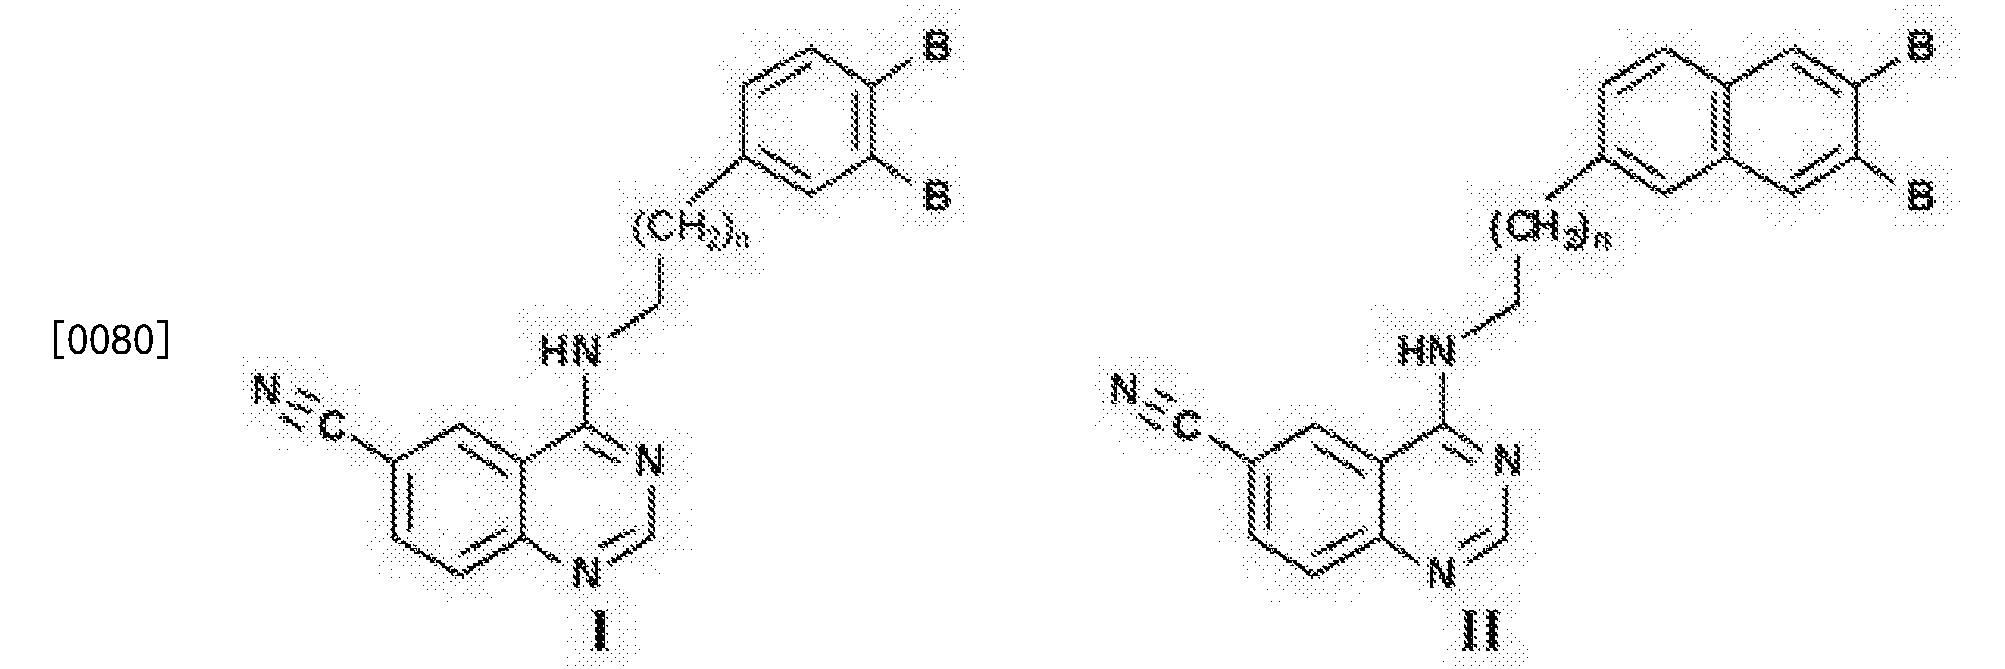 Figure CN104363913BD00141